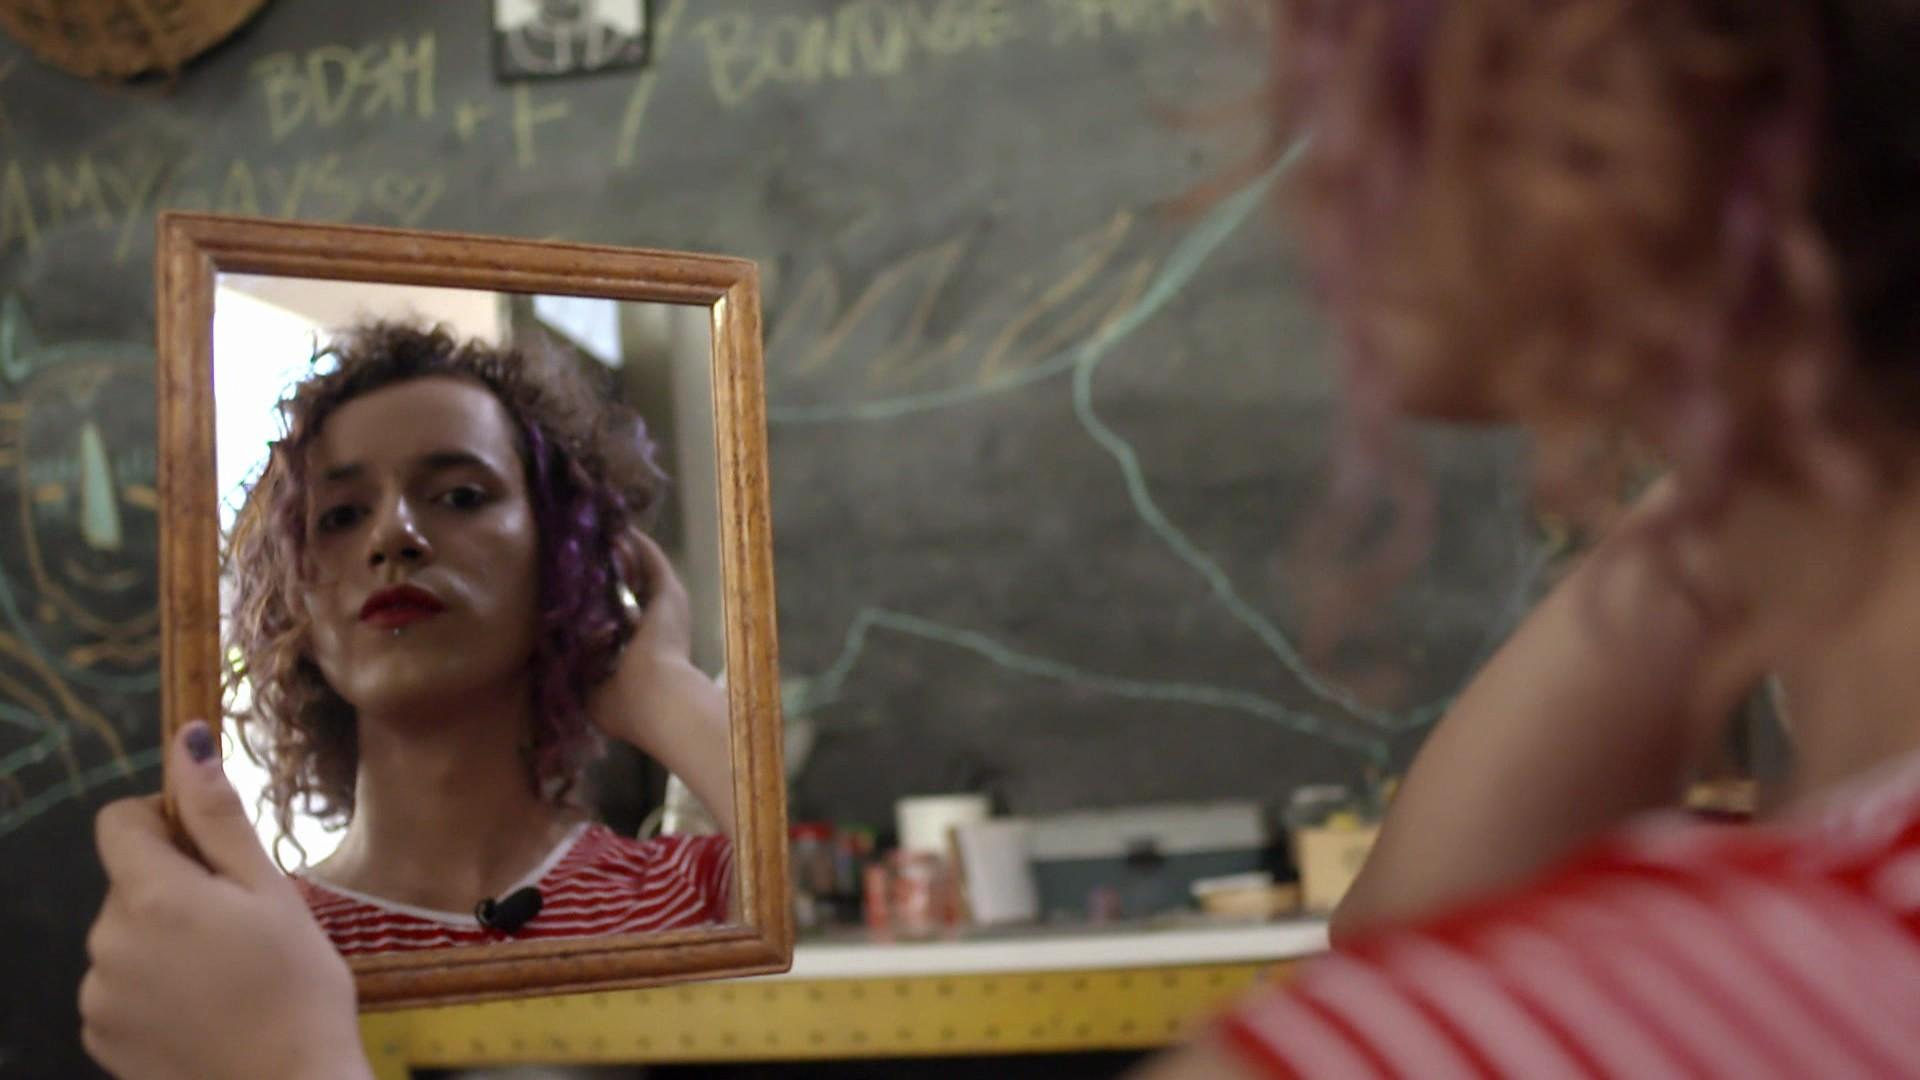 """Personagem da série """"Quem Sou Eu?"""" se olha no espelho. (Foto: Rede Globo)"""